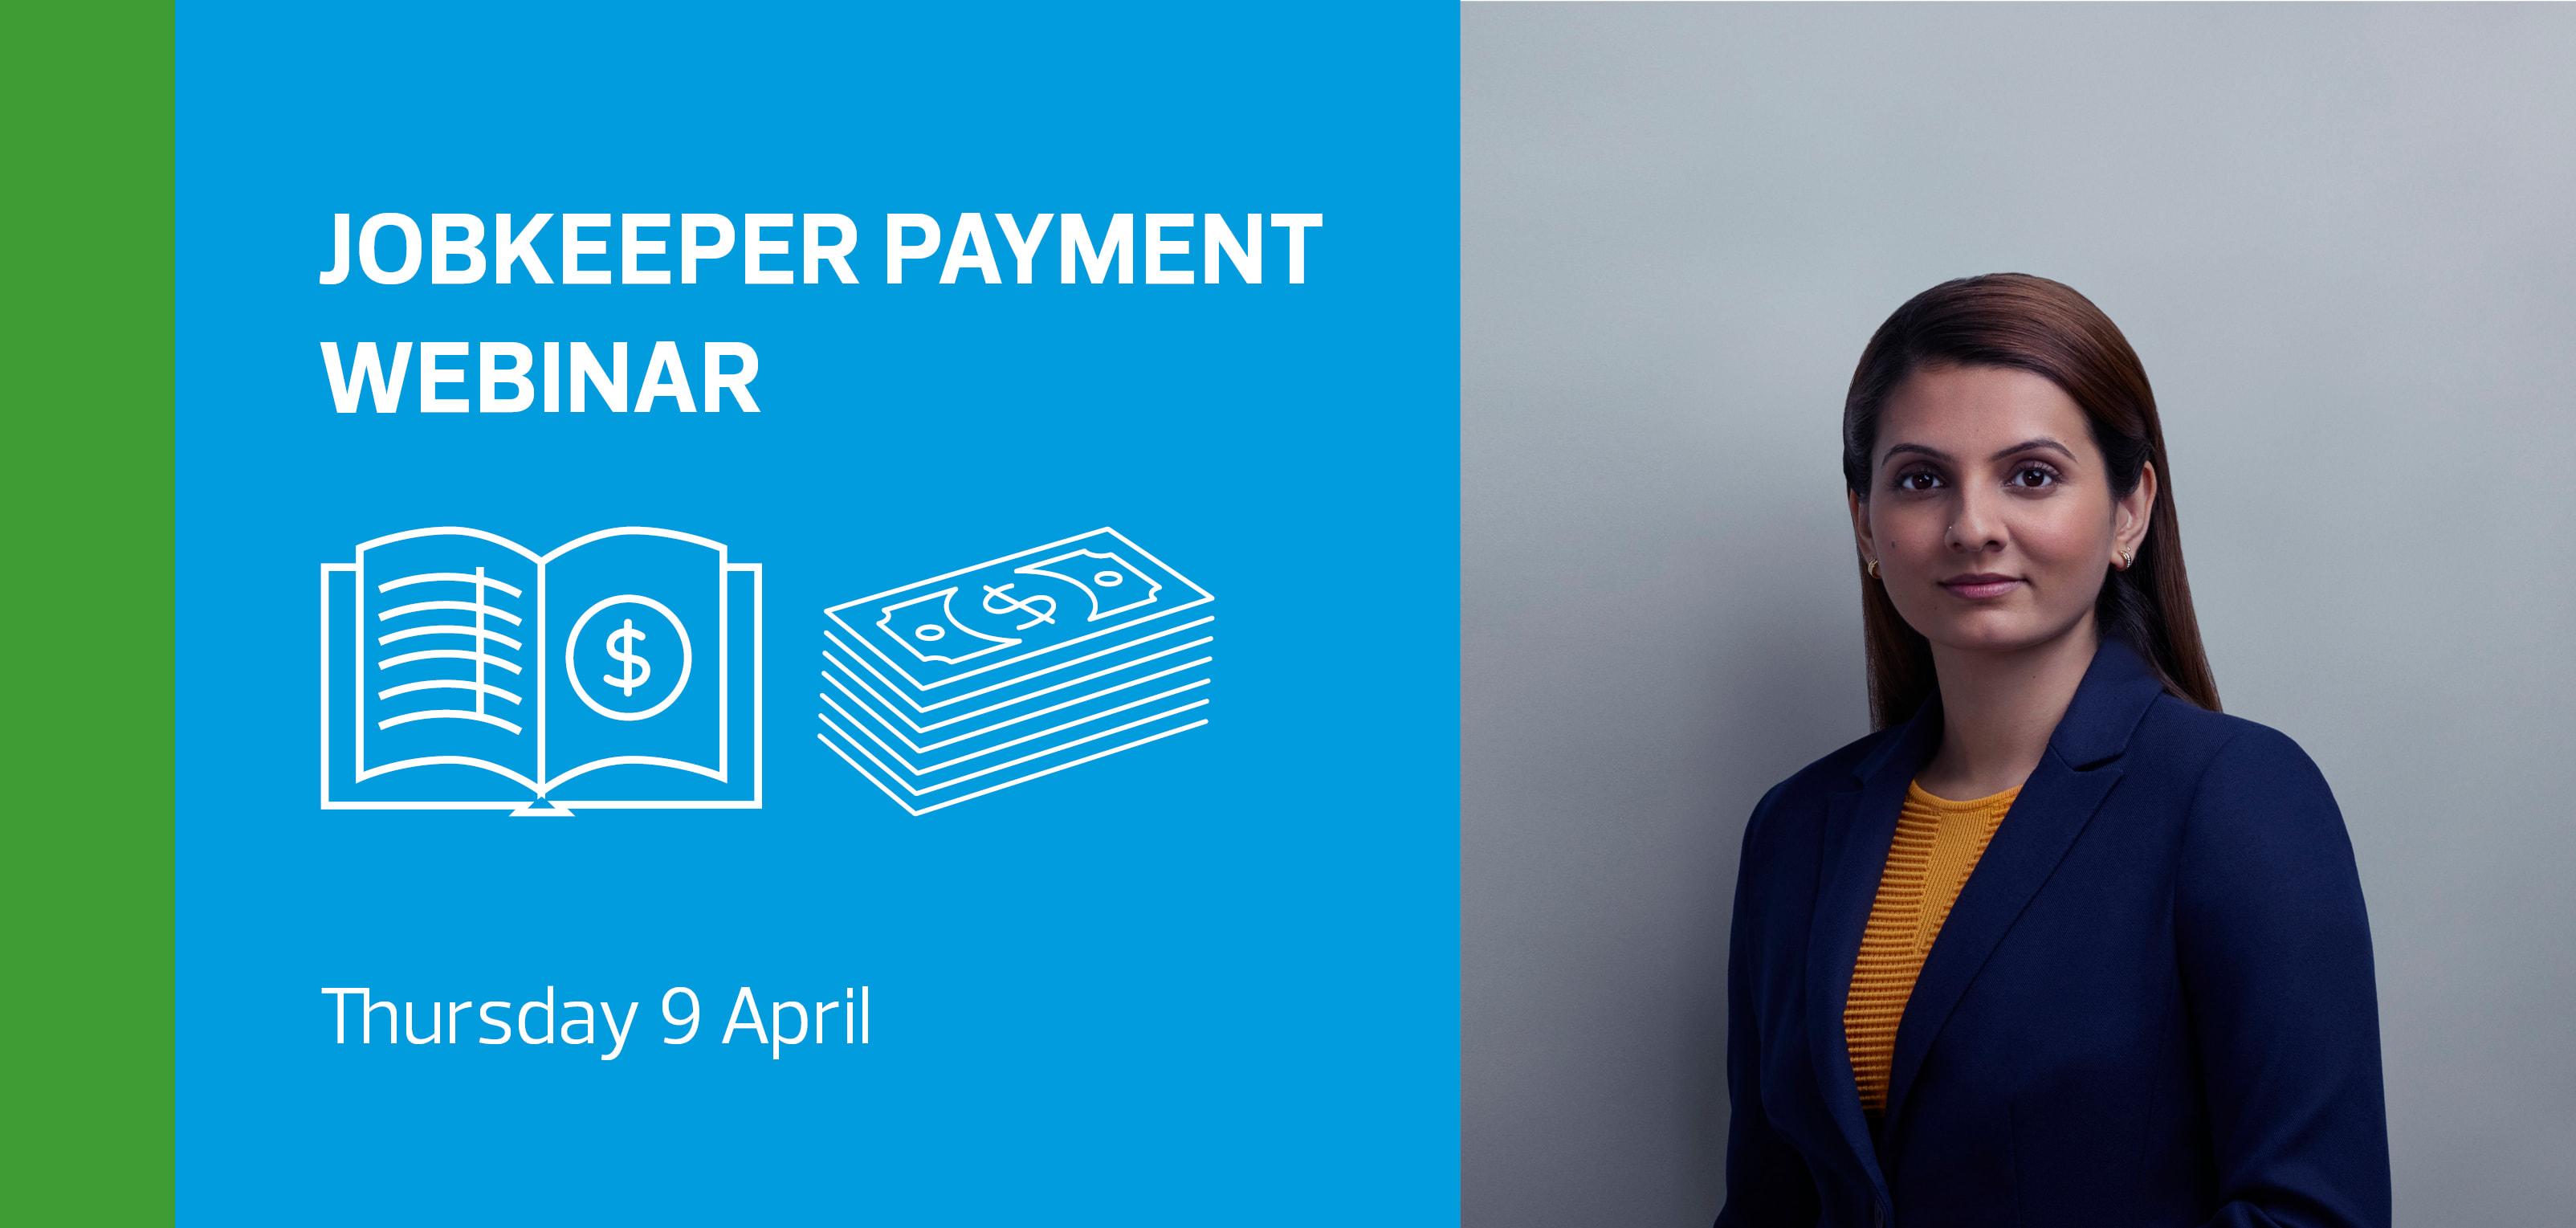 public://media/Thumbnails/2020-04-09_cbr_jobkeeper_payment_webinar_thumbnail.jpg